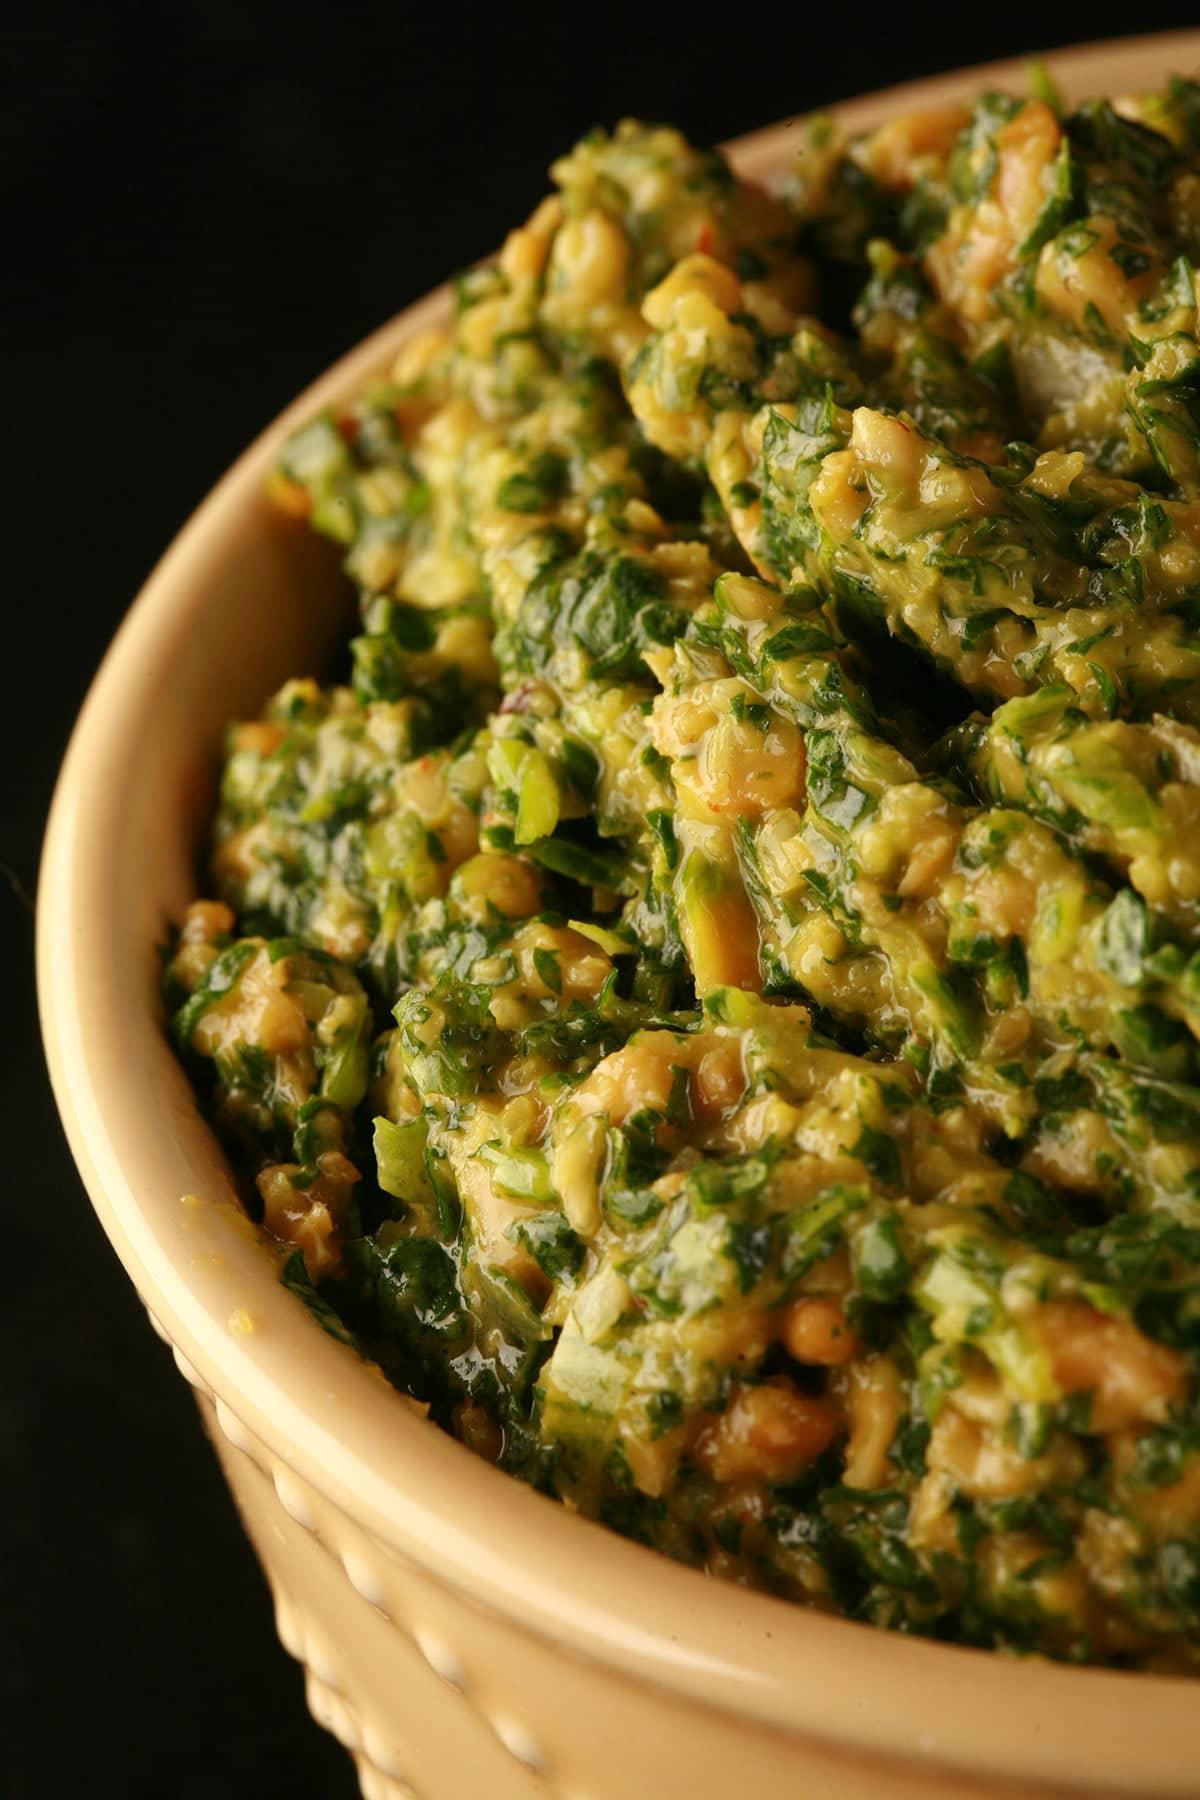 Close up view of a bowl of thai cilantro pesto.